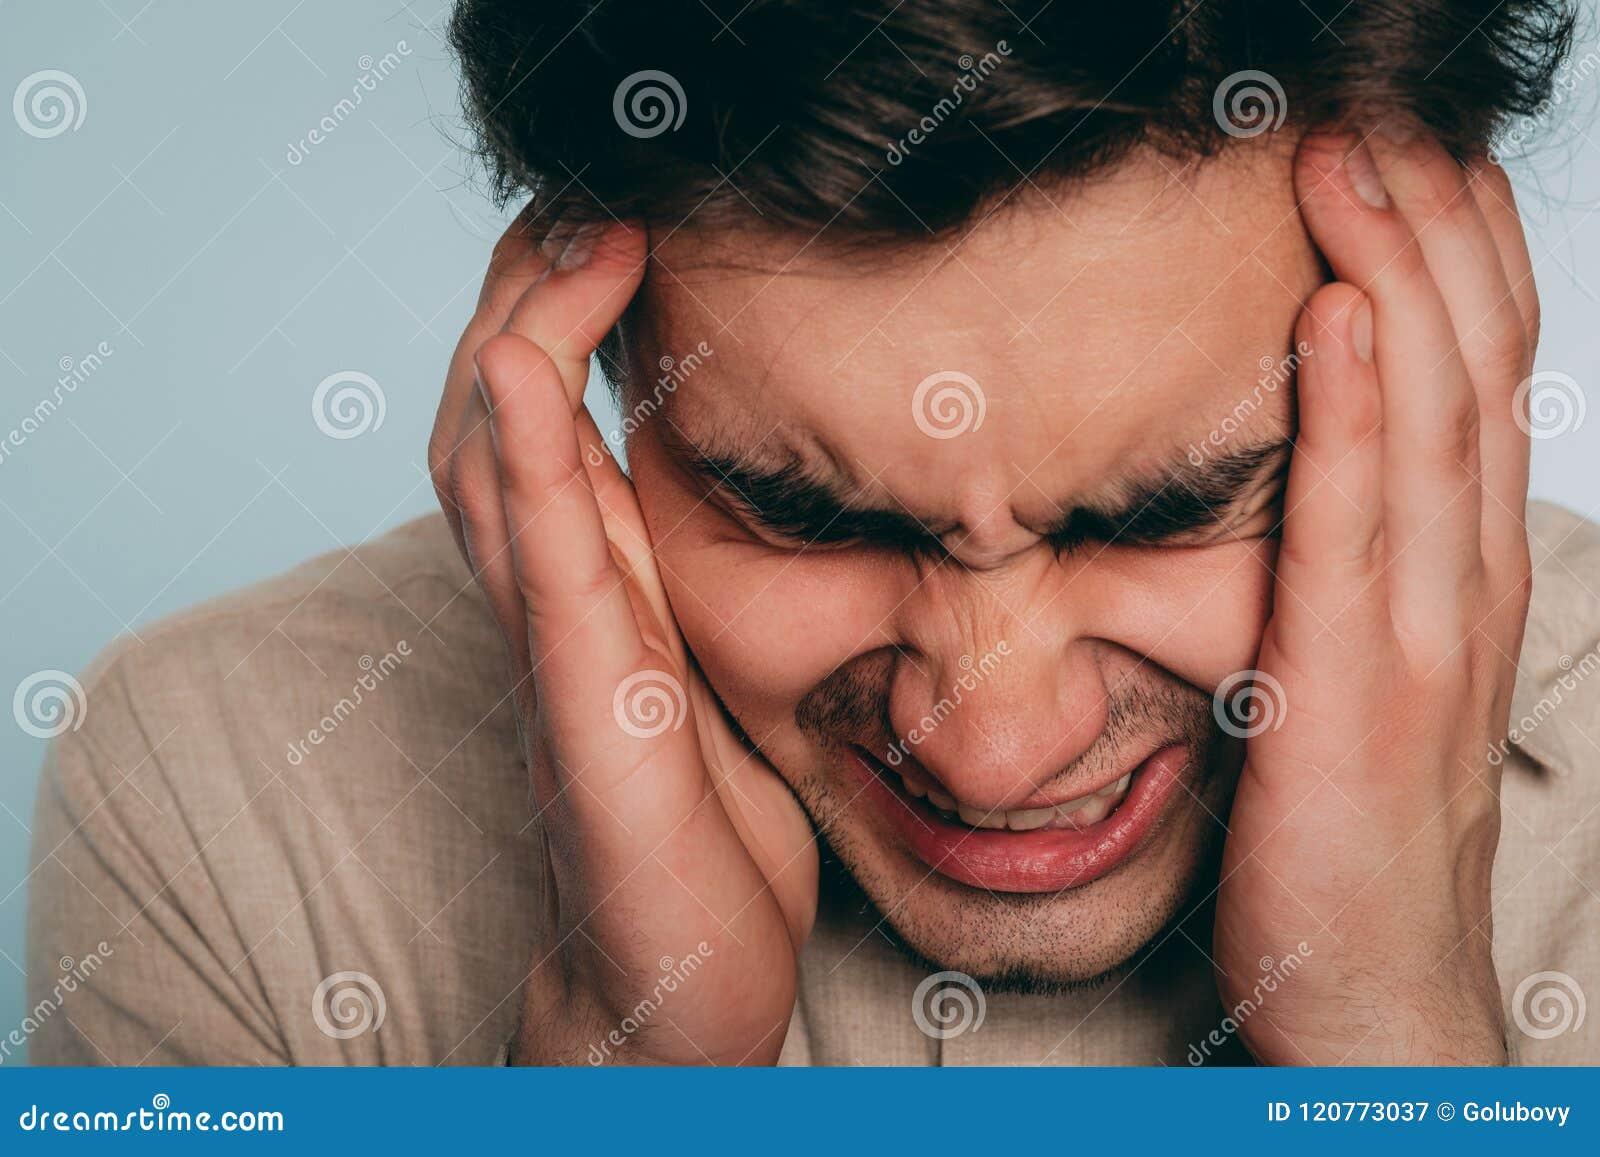 Avería emocional del hombre de la furia de la cólera de la tensión del dolor de cabeza